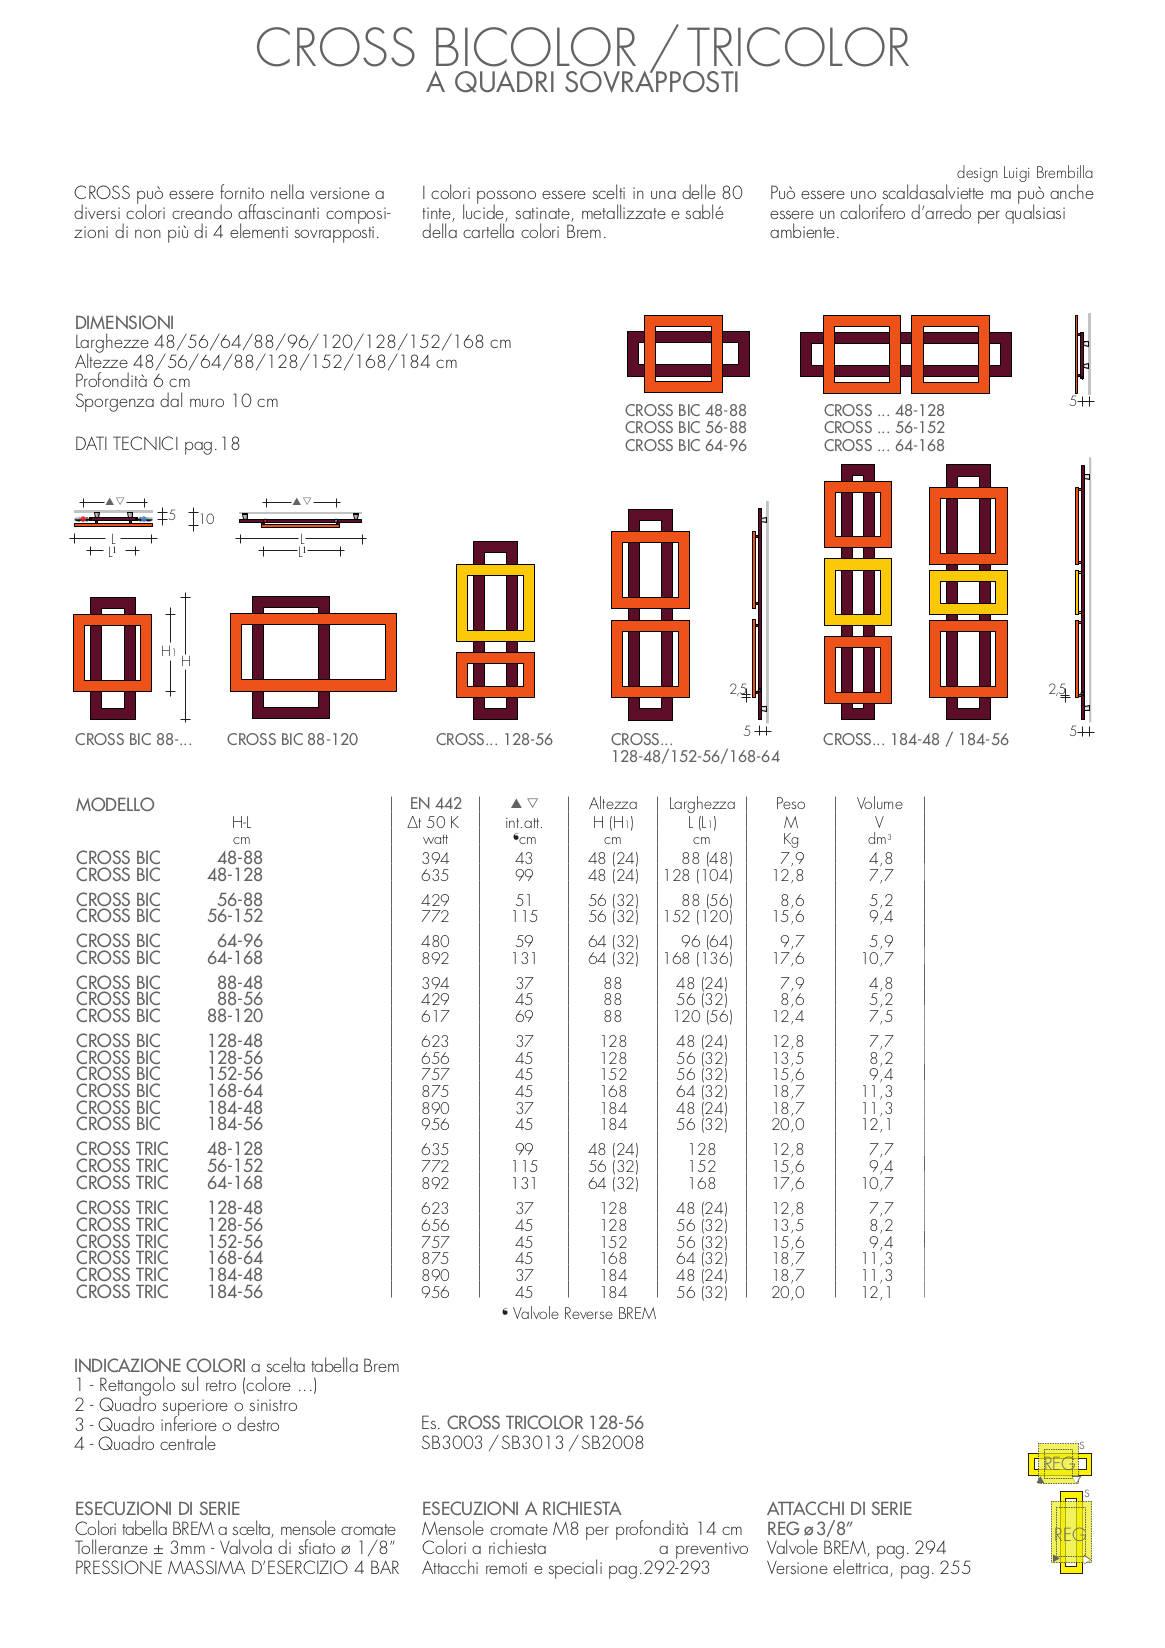 Technisches Datenblatt Heizkörper cross bicolor tricolor brem